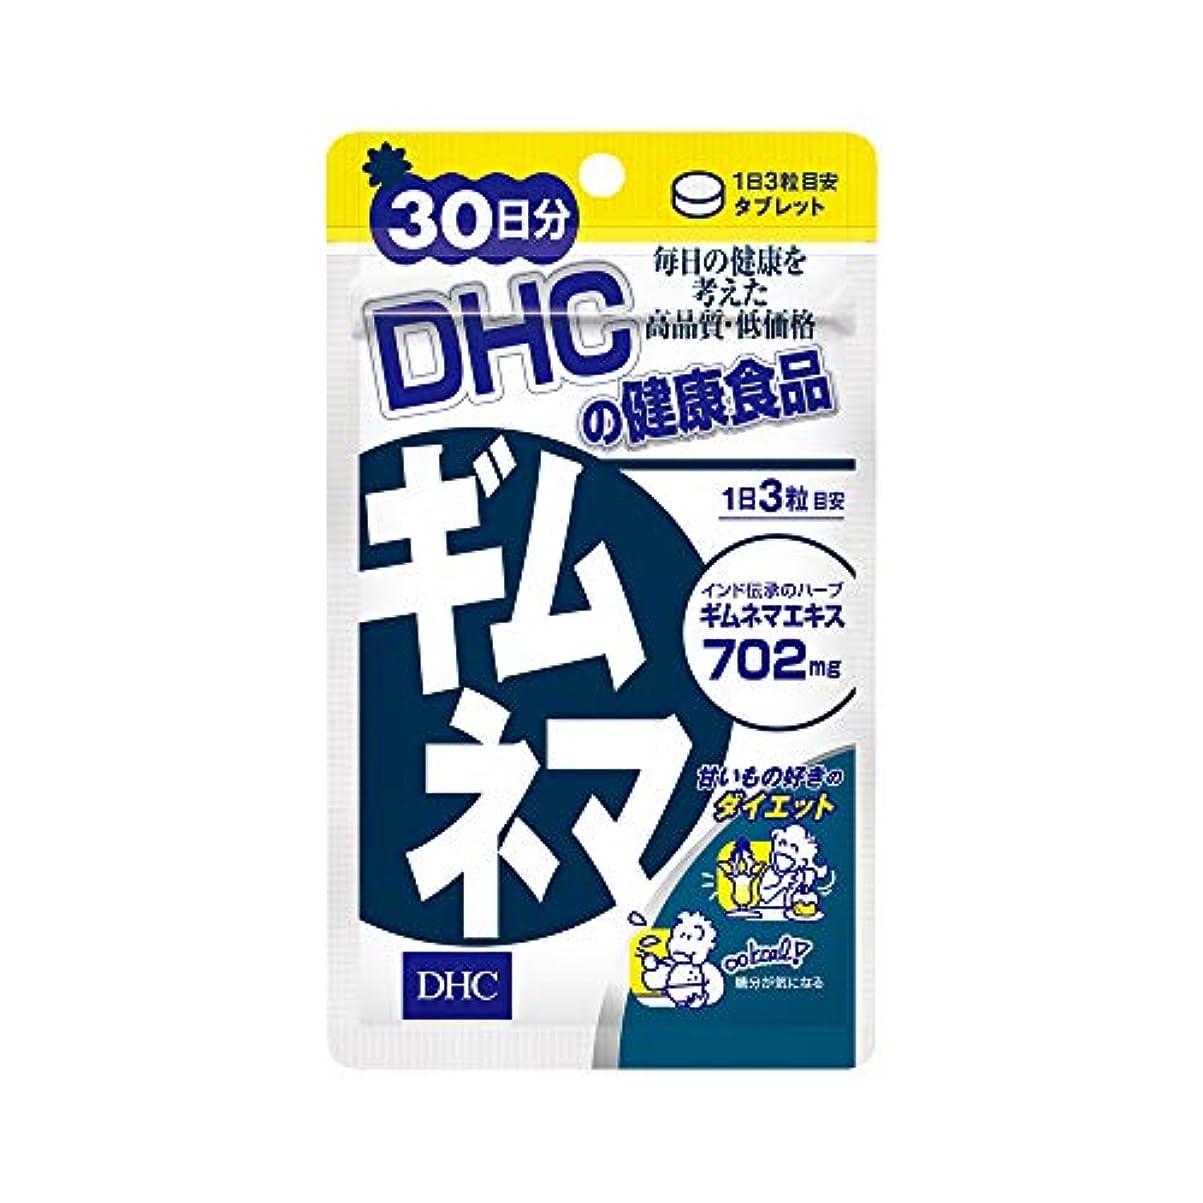 環境レギュラー危機DHC ギムネマ 30日分